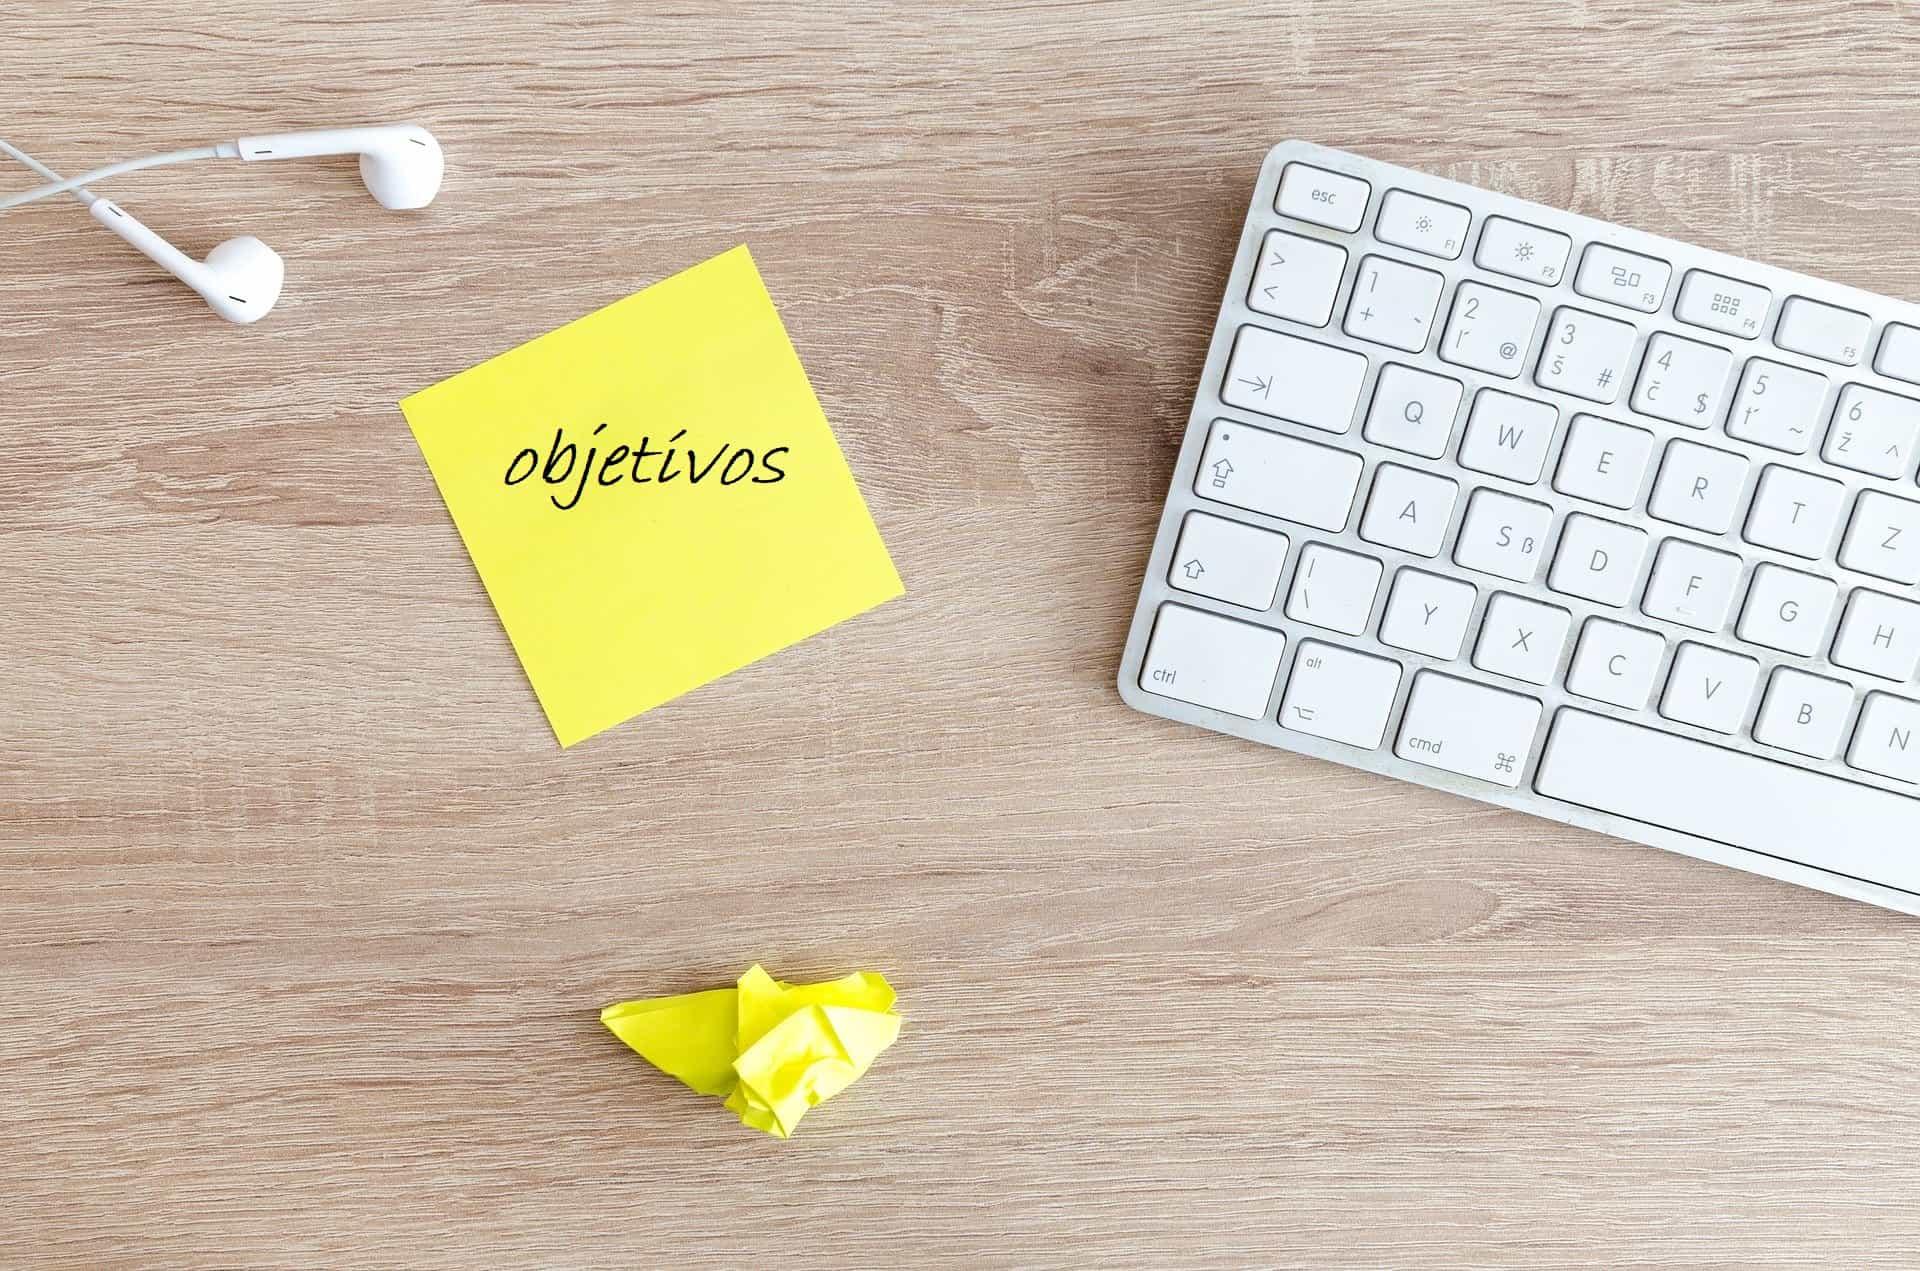 Objetivos e metas: o que são, as diferenças, como definir